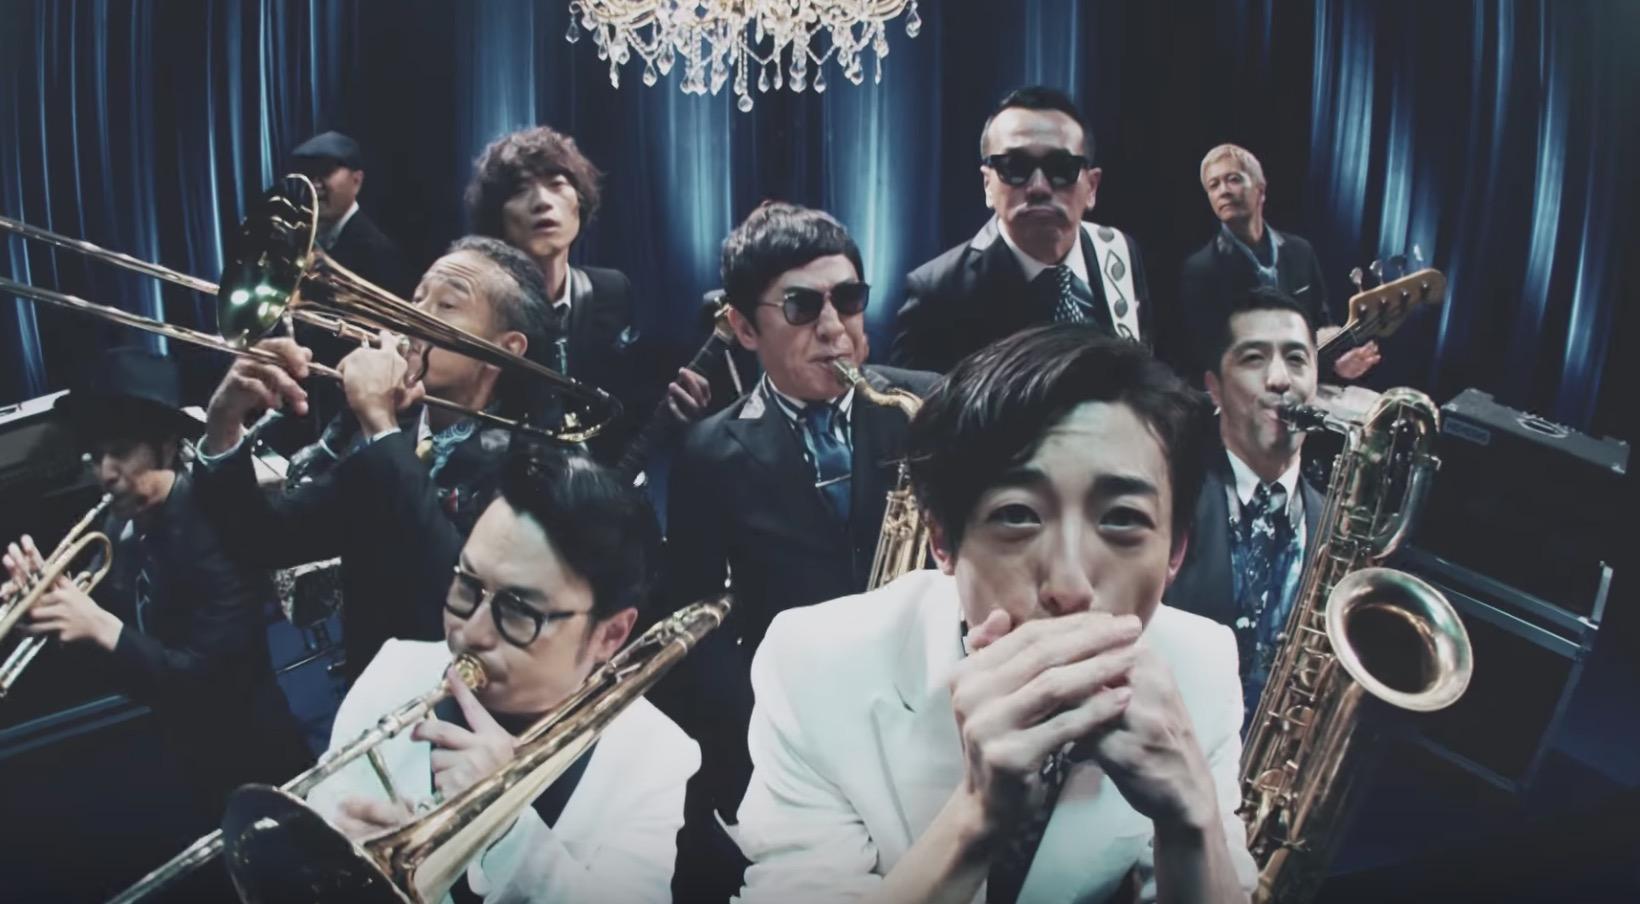 高橋一生とハマケンが東京スカパラとコラボ!カッコ良すぎる演奏に惚れた!